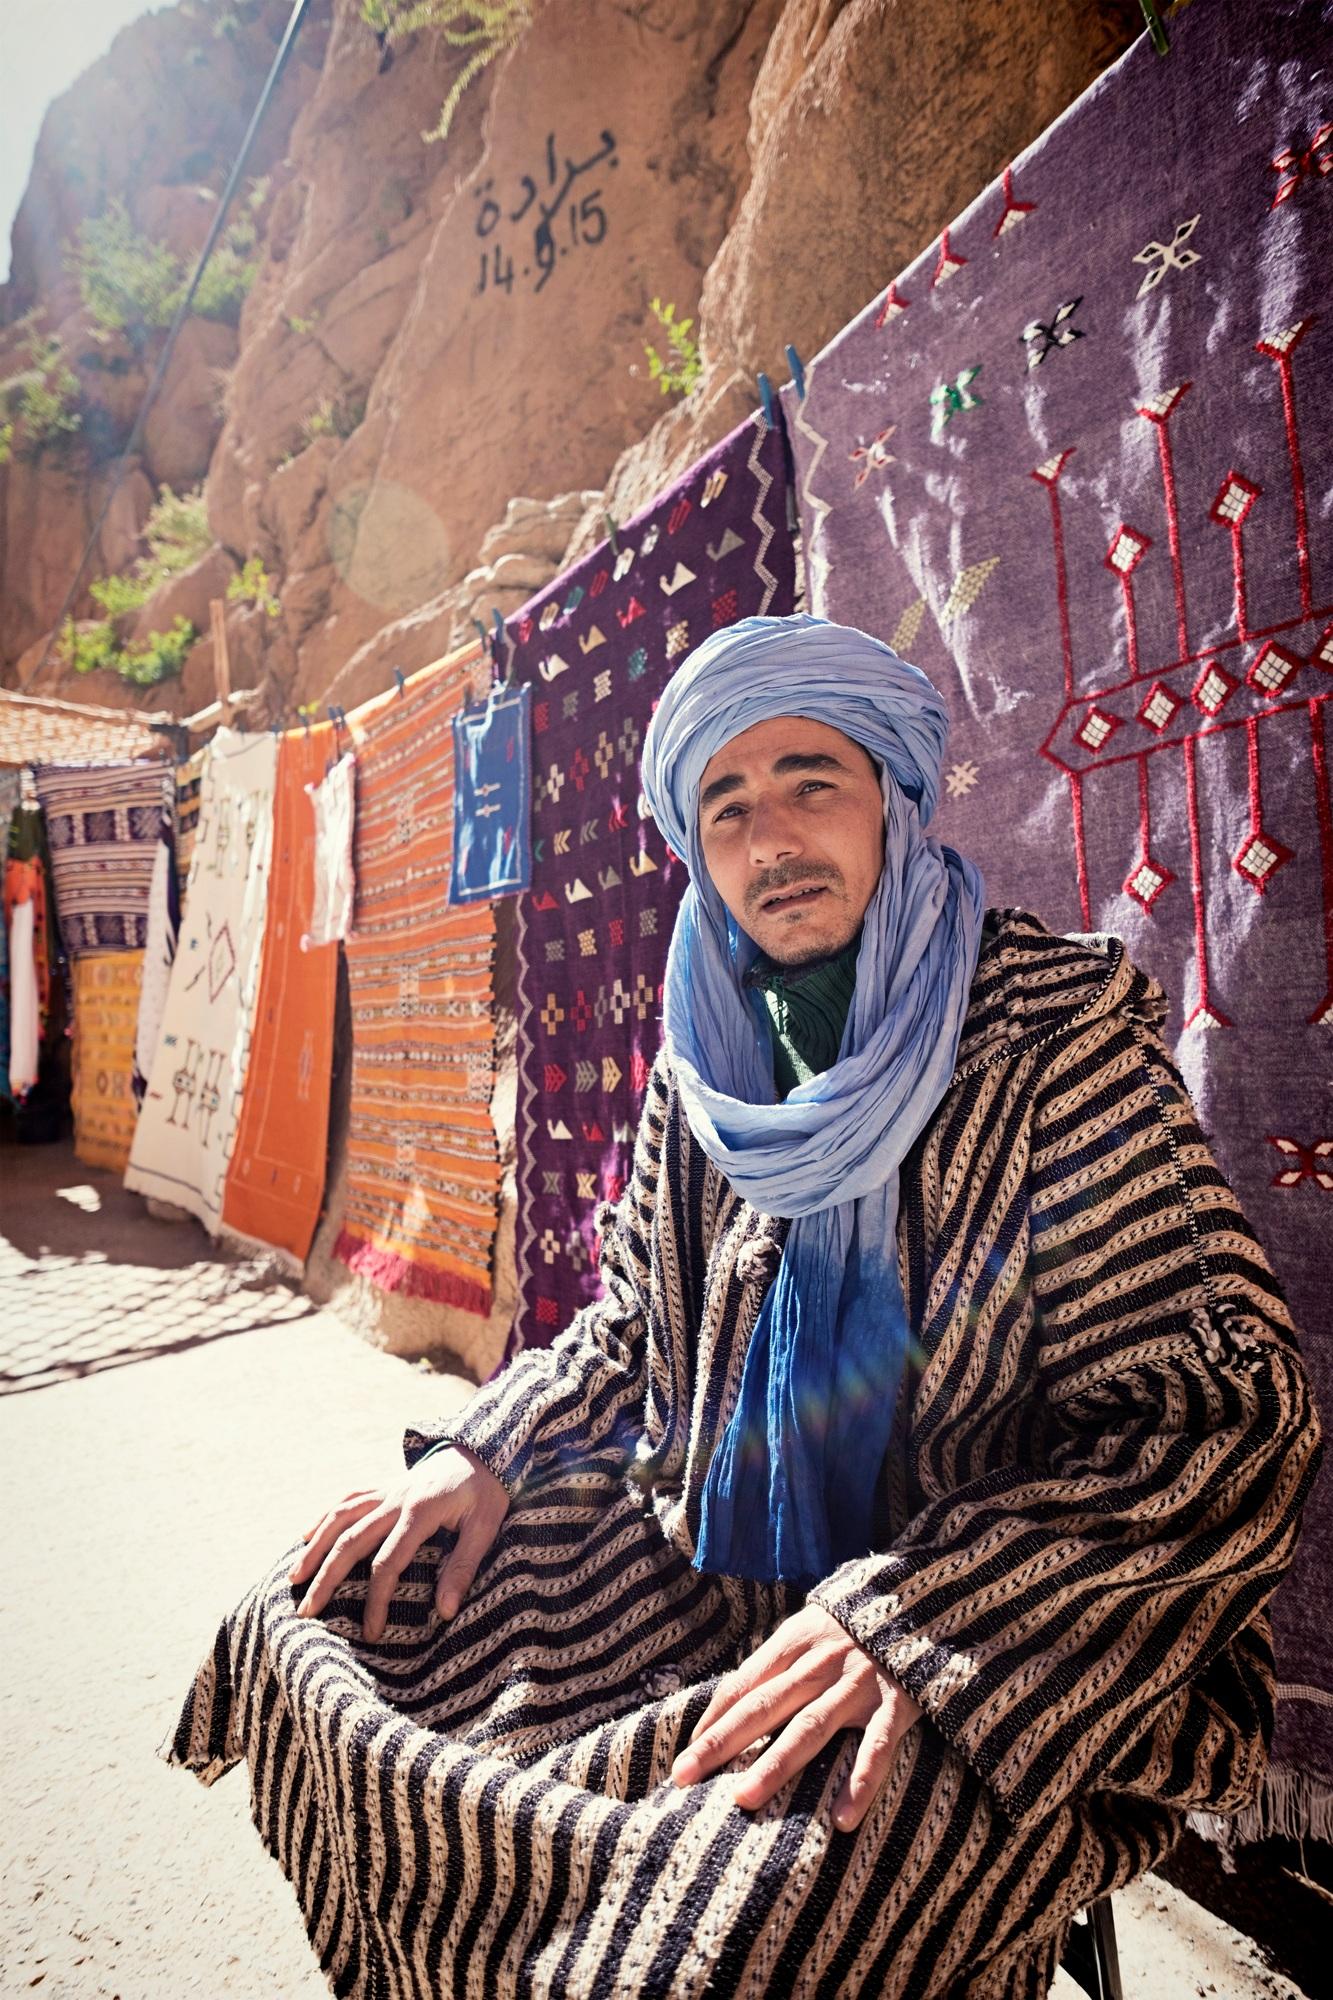 morocco_dscf5455.jpg